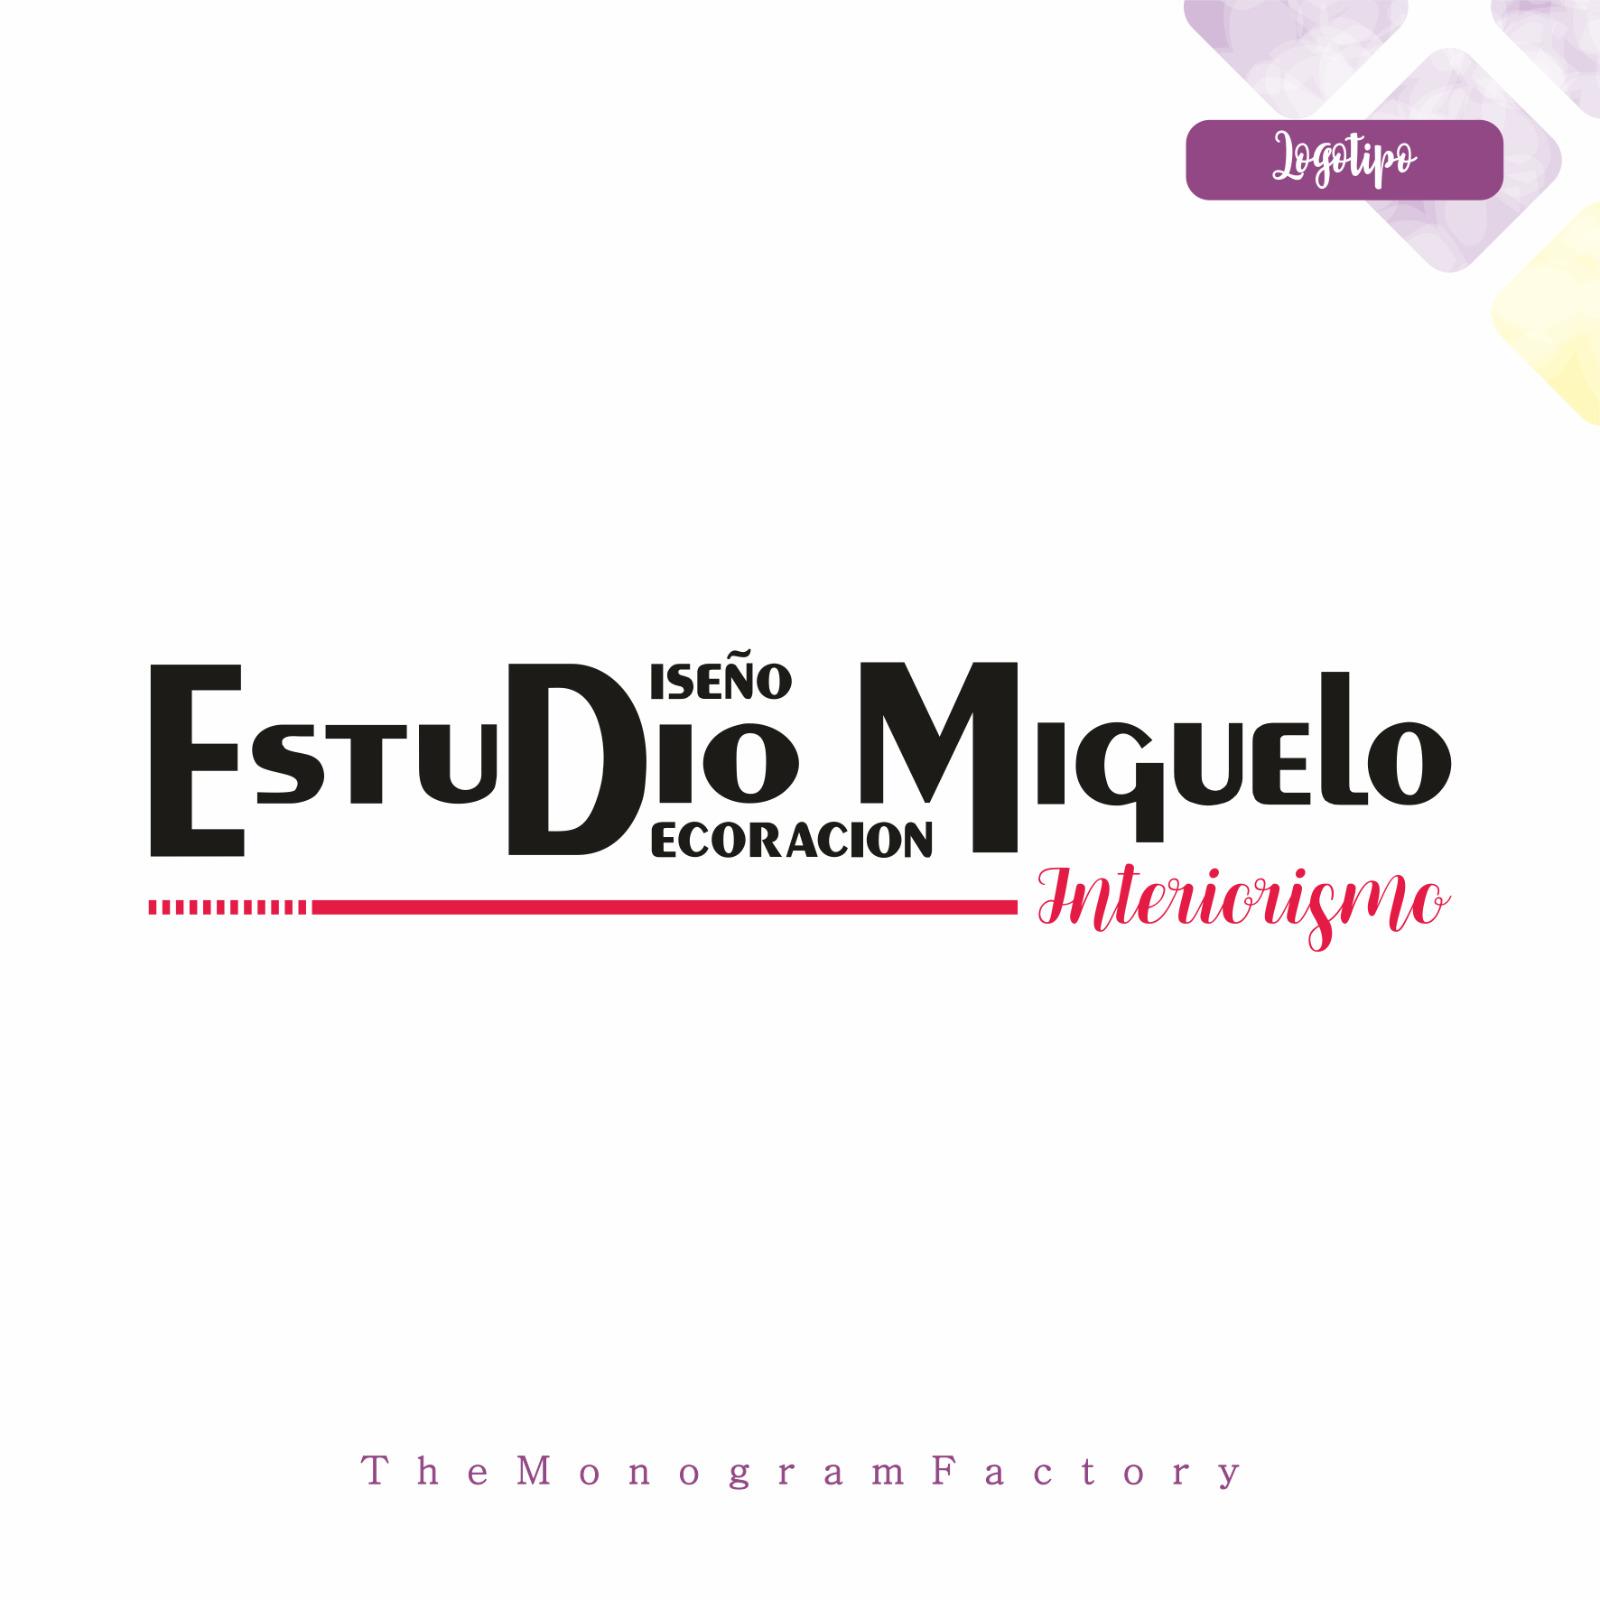 Logotipo Estudio Miguelo